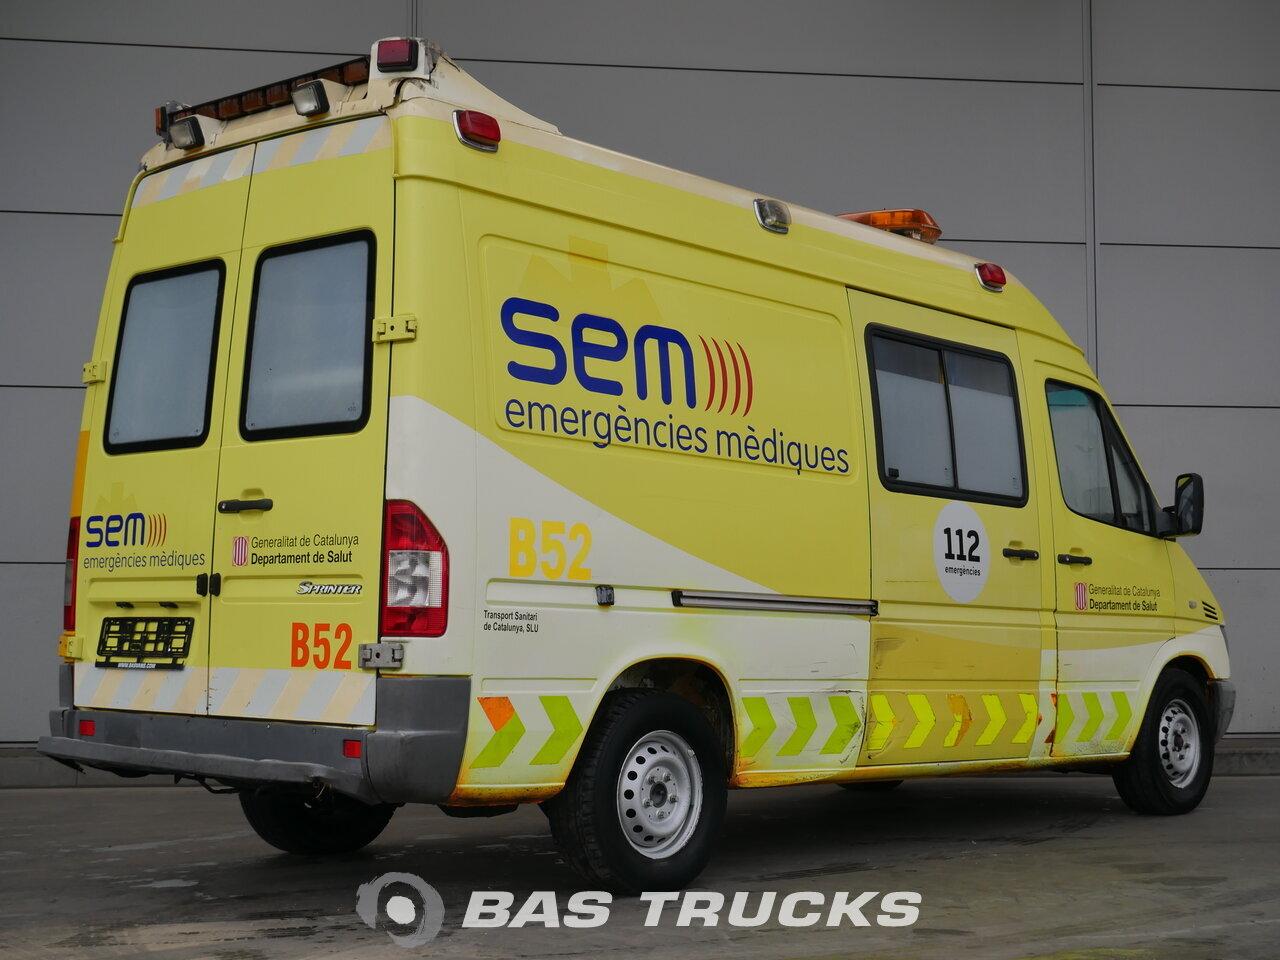 mercedes sprinter leichte nutzfahrzeuge 3900 bas trucks. Black Bedroom Furniture Sets. Home Design Ideas